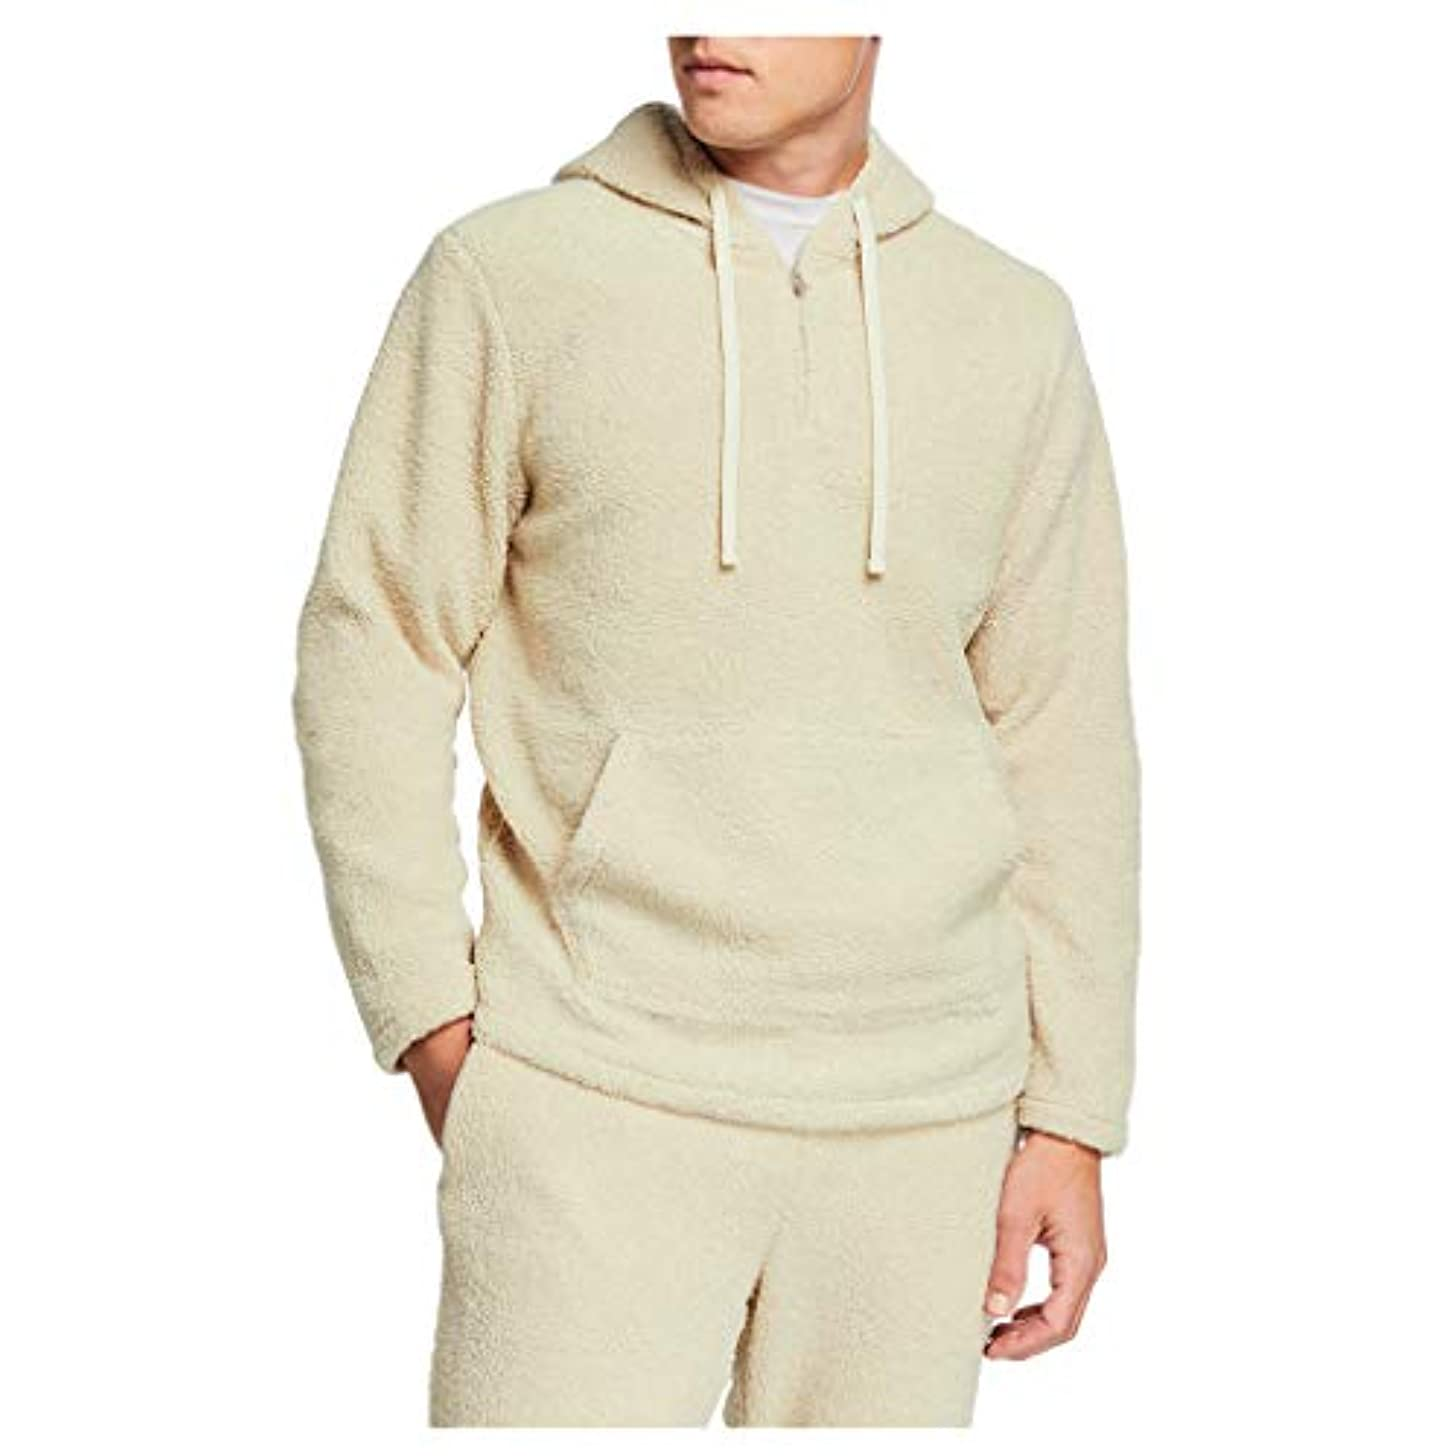 もろい誇張代理人ハイネック セーター 韓国 ファッション 冬 長袖 メンズ メンズ セーター クルーネック ニットセーター グラデーション カットソー トップス カジュアル 無地 丸首 ストリート アウトドア ゆったり 中厚